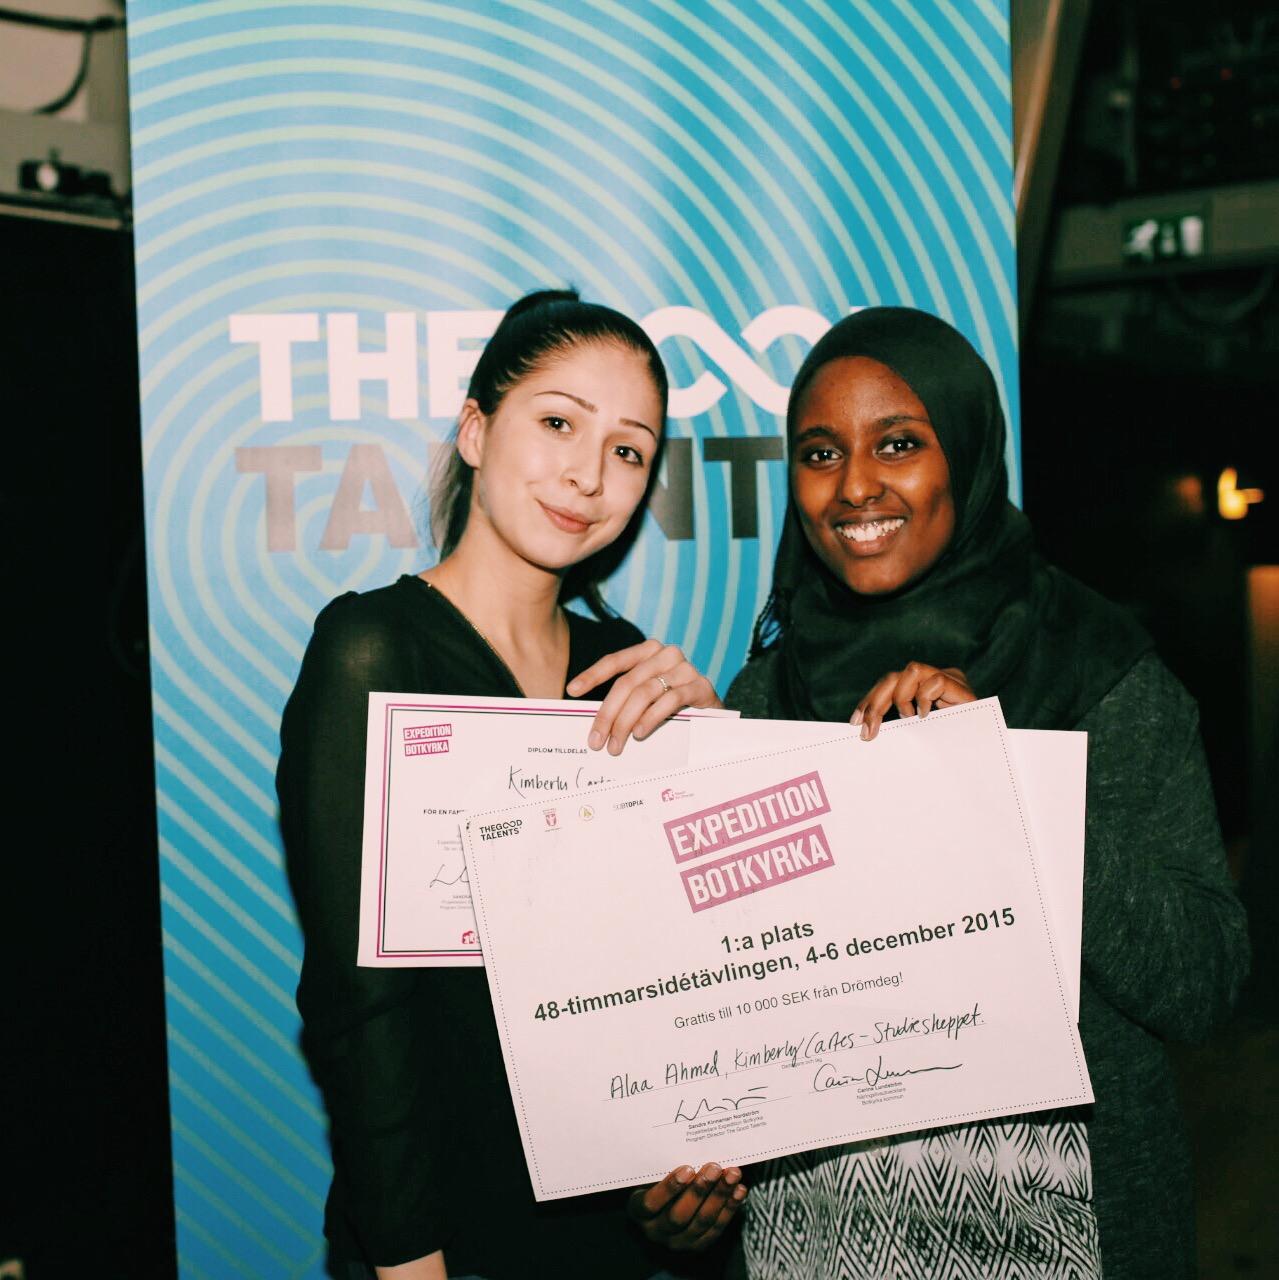 Första plats: Kimberly Cartes och Alla Ahmed, Studieskeppet